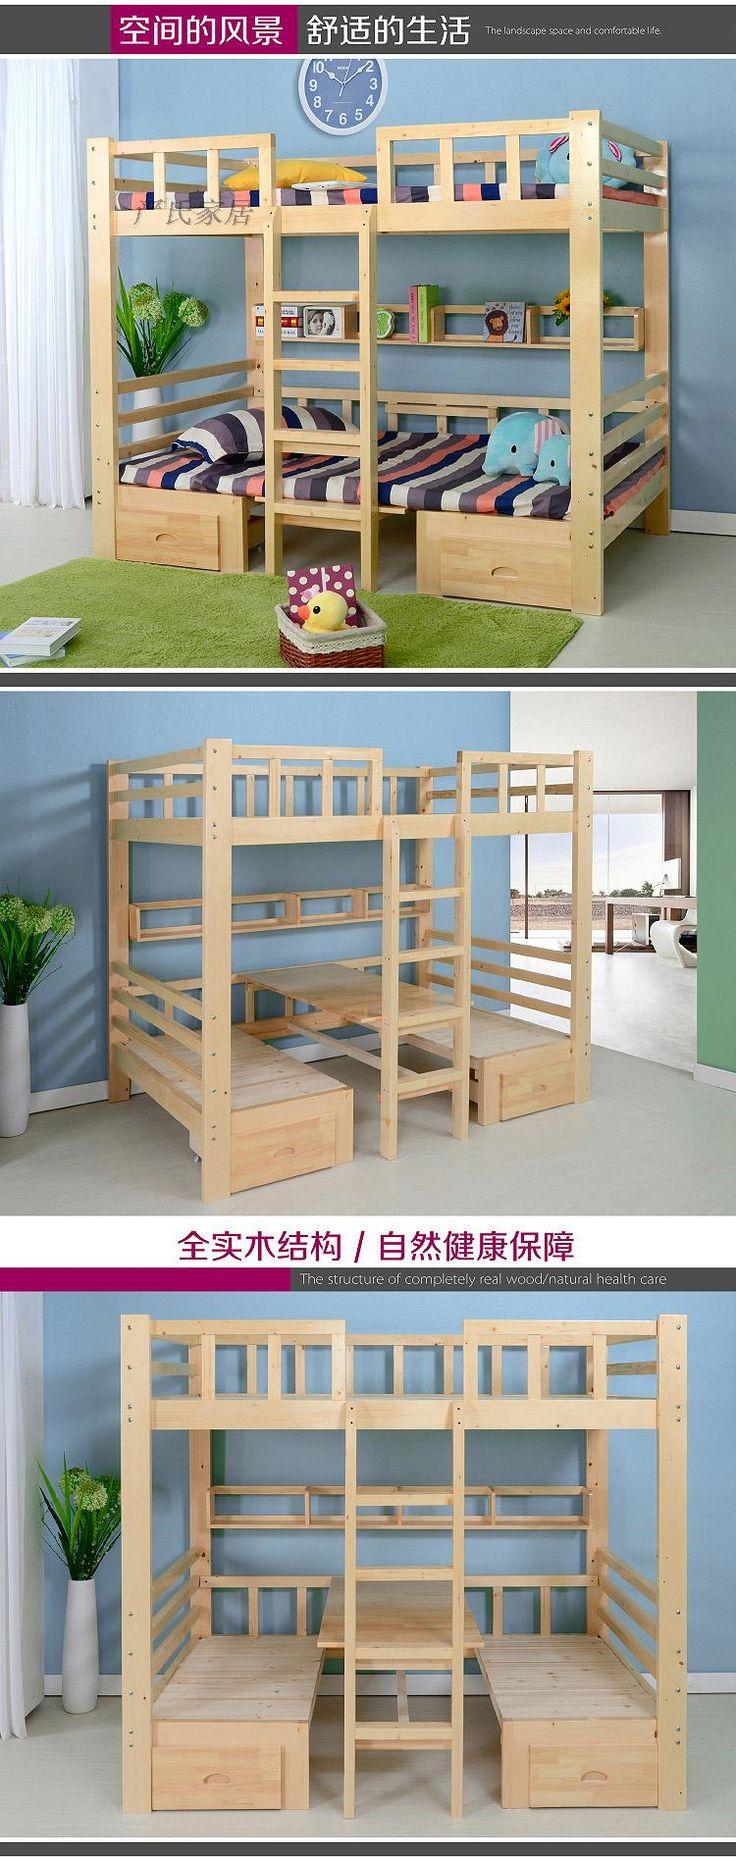 Дешевые деревянные доставка мать двухъярусная кровать и детская кровать кровать кровать кровать двухъярусная кровать 1 м 1,2 м 1,5 Taobao